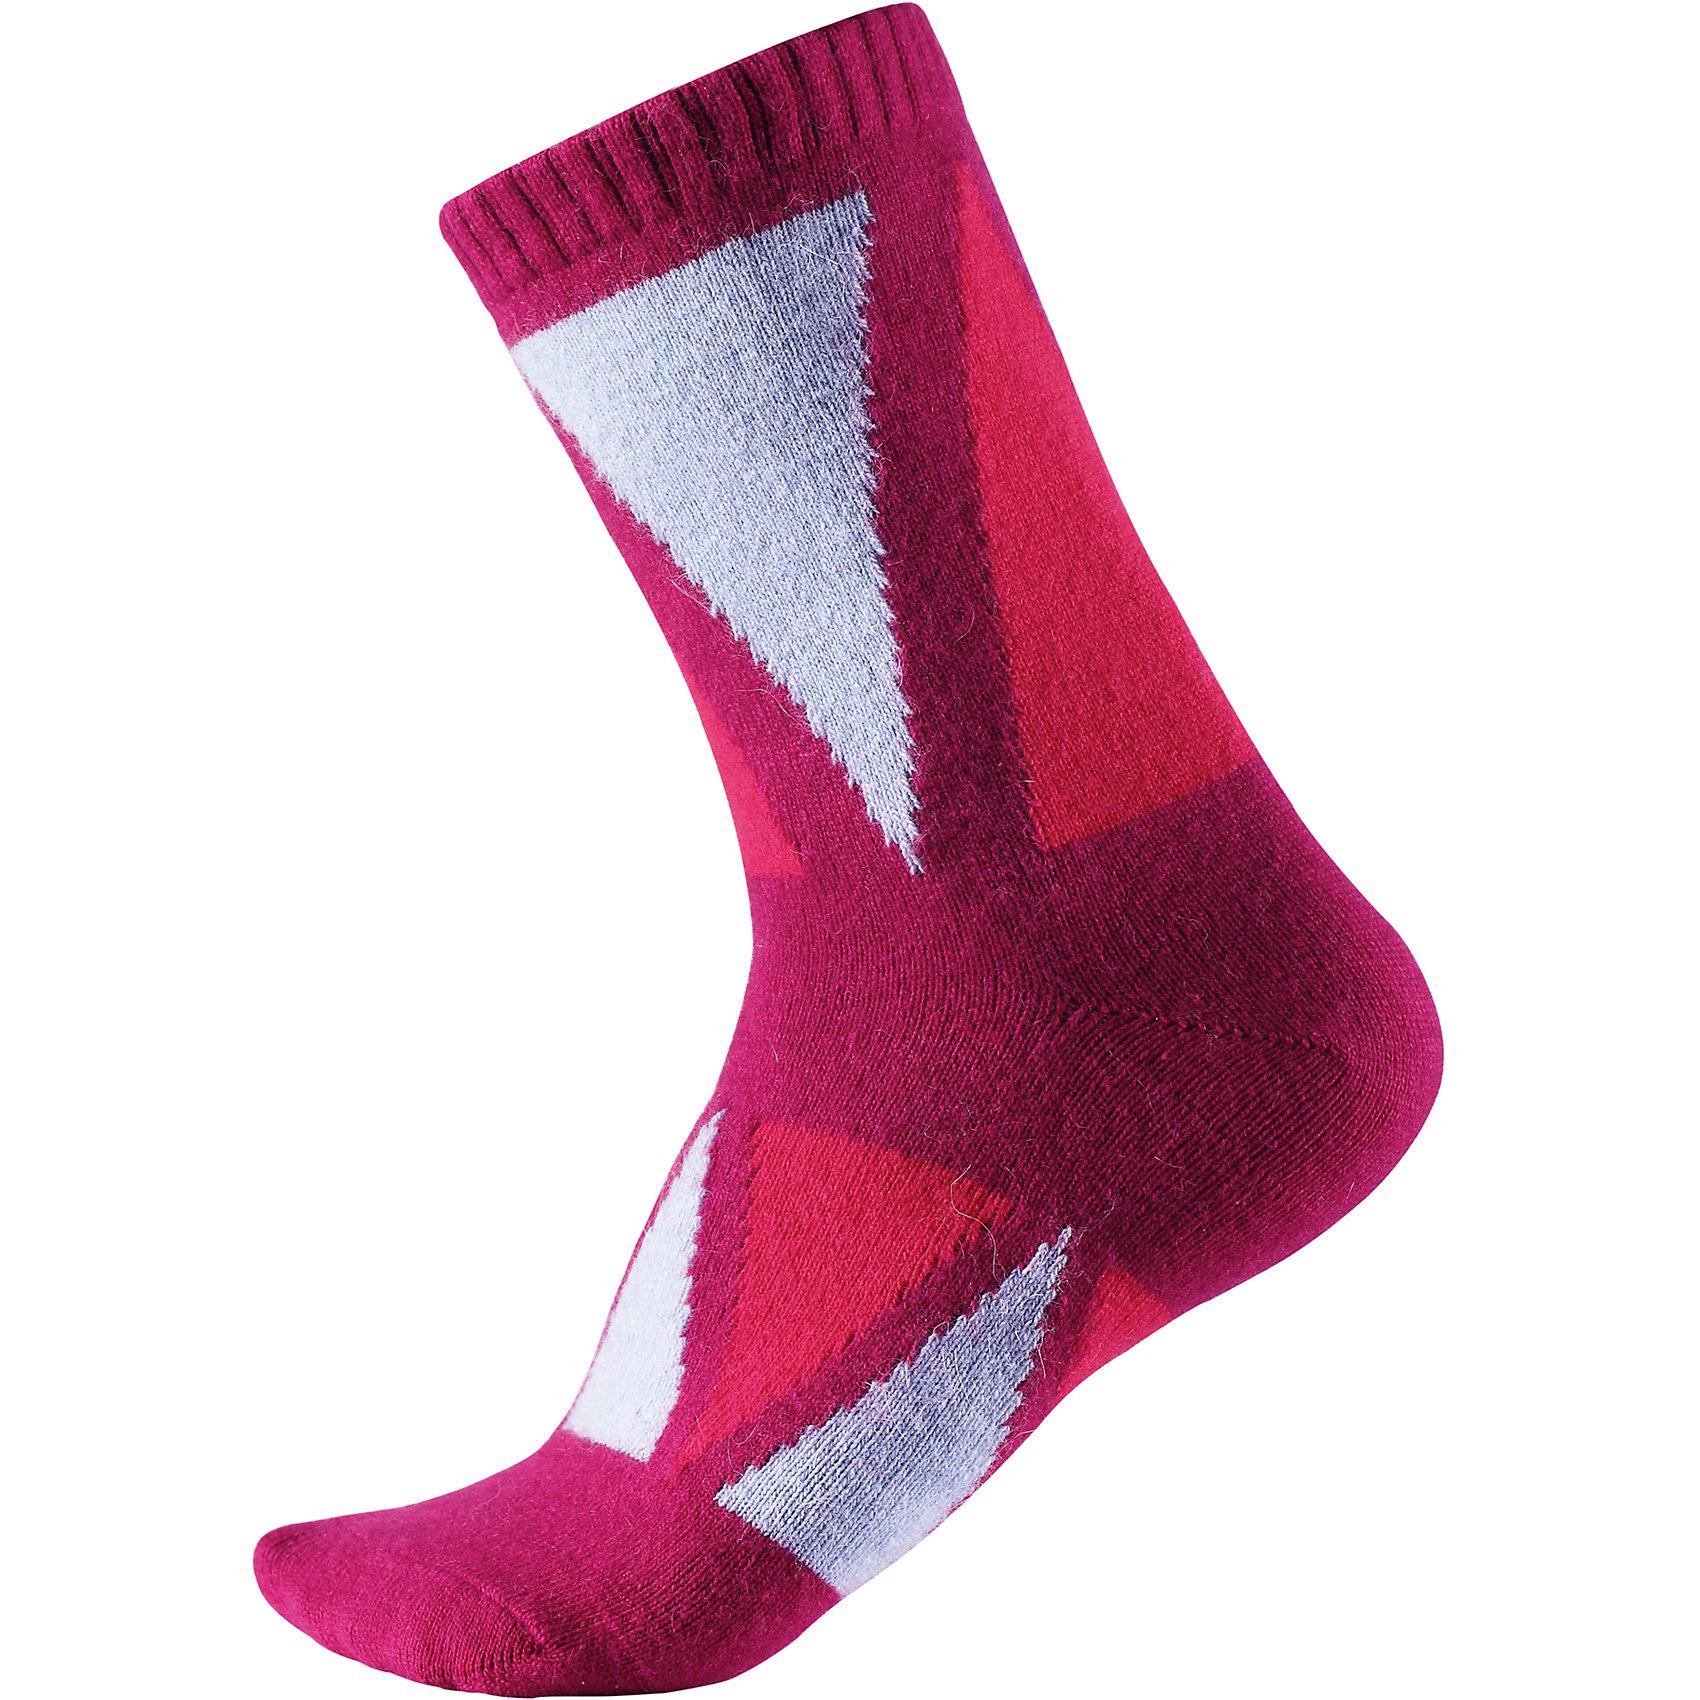 Носки Savo ReimaНоски<br>Эти классные и яркие длинные детские носки из шерстяного трикотажа – отличный выбор для любителей активных прогулок! Носки изготовлены из теплой и мягкой ангорской полушерсти и превосходно регулируют температуру, особенно в морозные зимние дни! Эластичный шерстяной трикотаж отлично пропускает воздух и быстро сохнет, поэтому ребенку будет максимально комфортно во время веселых прогулок. Облегченная модель без усилений на подошве.<br>Состав:<br>36% Вискоза, 34% Полиамид, 20% Шерсть, 7% Полиэстер, 3% Эластан<br><br>Ширина мм: 87<br>Глубина мм: 10<br>Высота мм: 105<br>Вес г: 115<br>Цвет: розовый<br>Возраст от месяцев: 168<br>Возраст до месяцев: 1188<br>Пол: Унисекс<br>Возраст: Детский<br>Размер: 34-37,22-25,26-29,30-33<br>SKU: 6902068